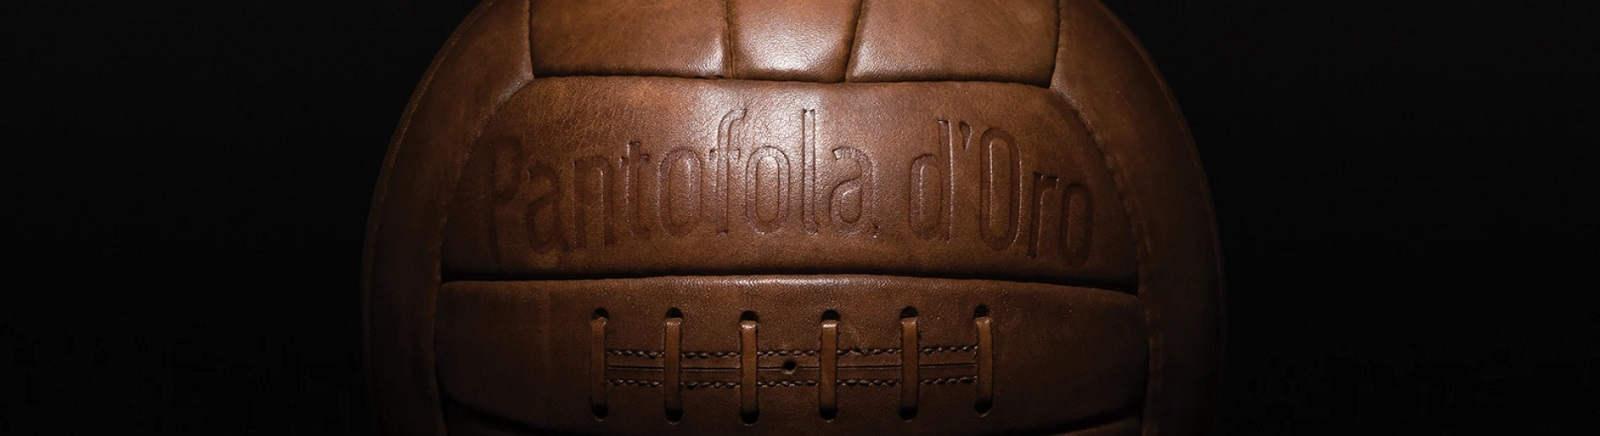 Pantofola d'Oro Schuhe für Herren bestellen im Juppen Shop